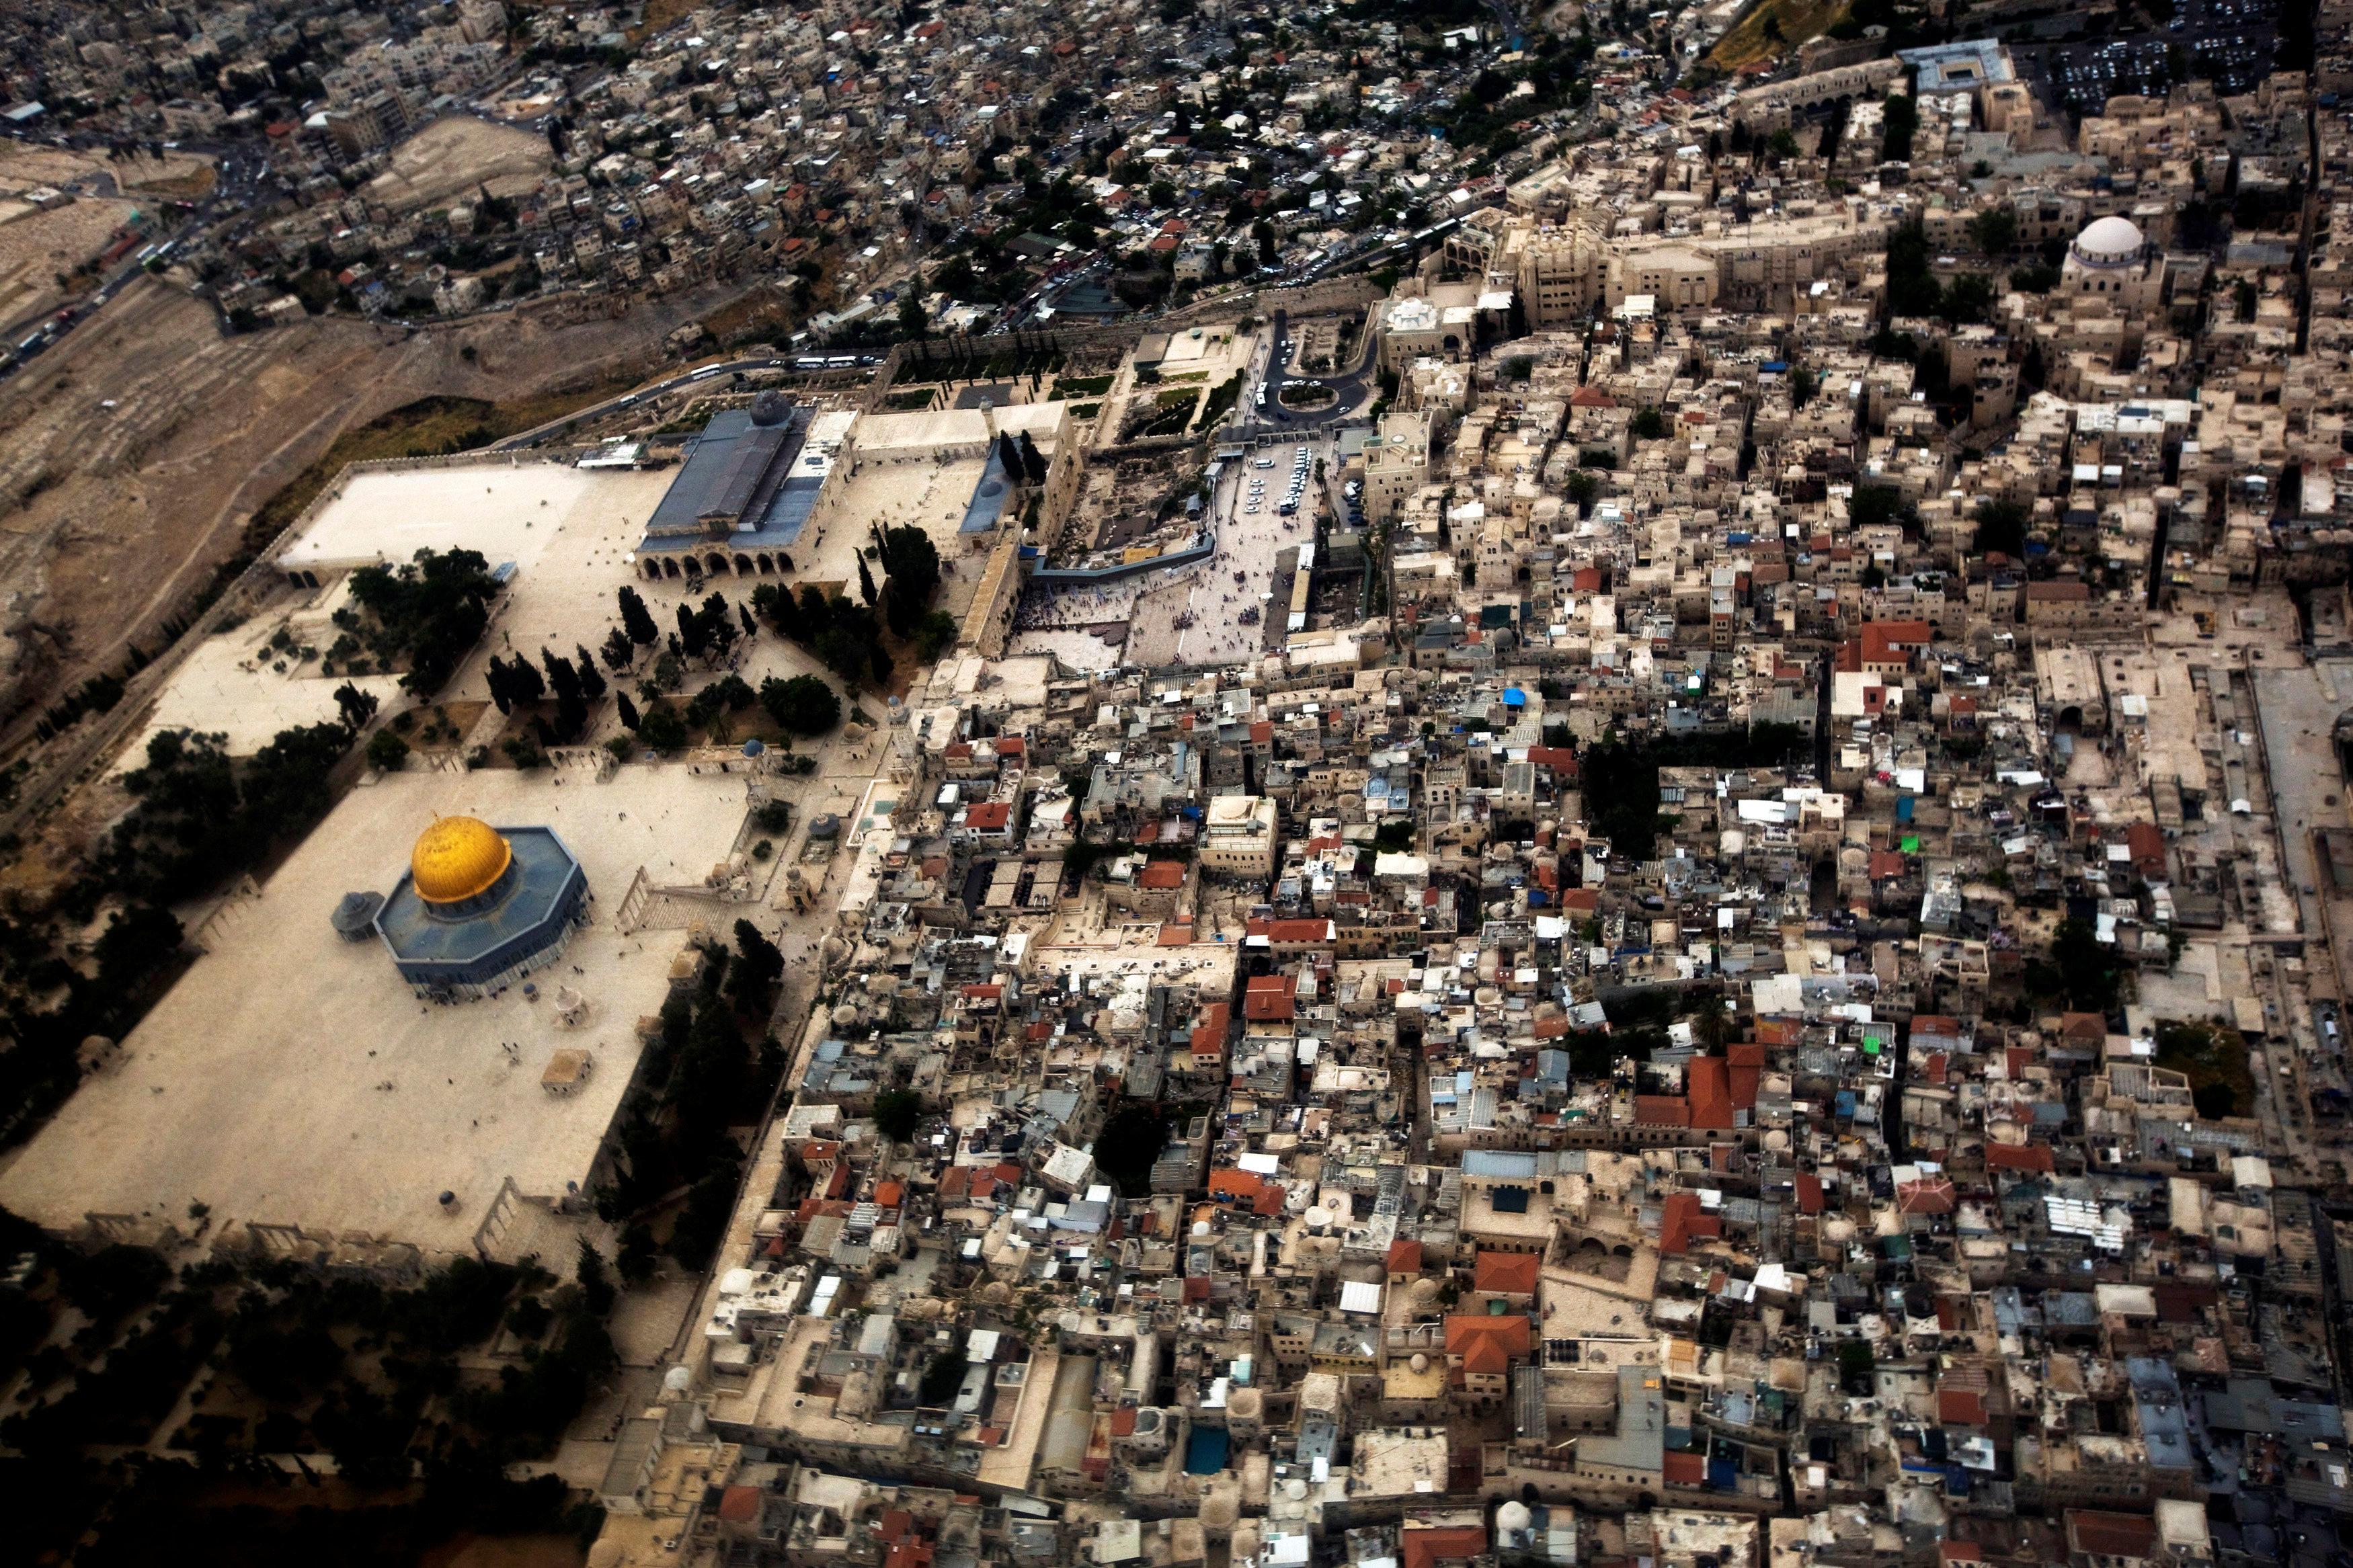 Vatican is concerned about US's plans over Jerusalem